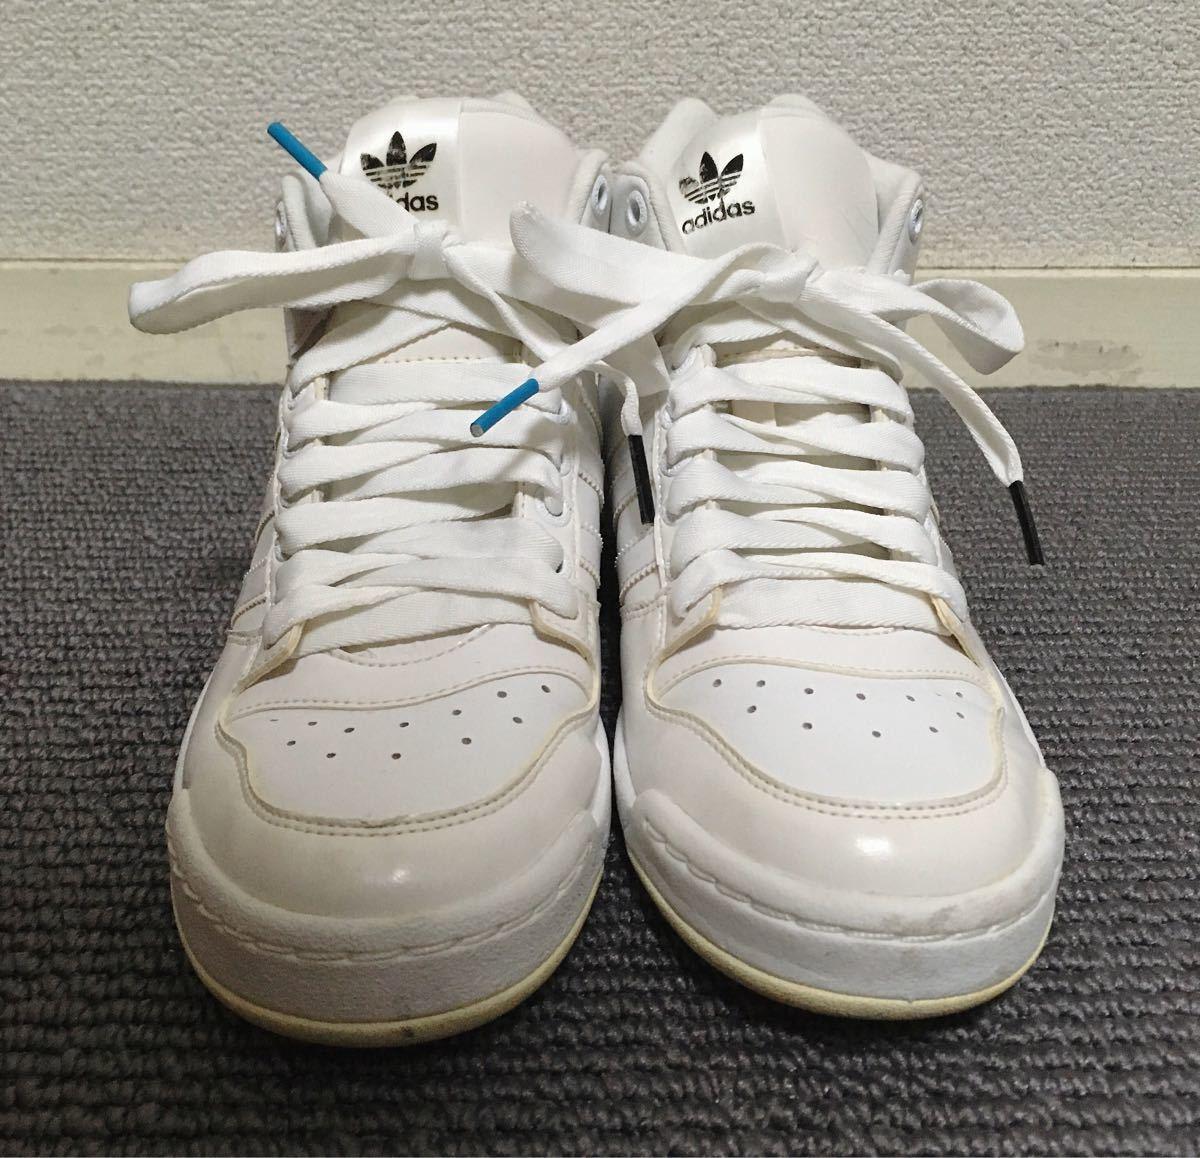 【極美品】adidas ハイカットスニーカー 白 23.5 アディダス_画像4